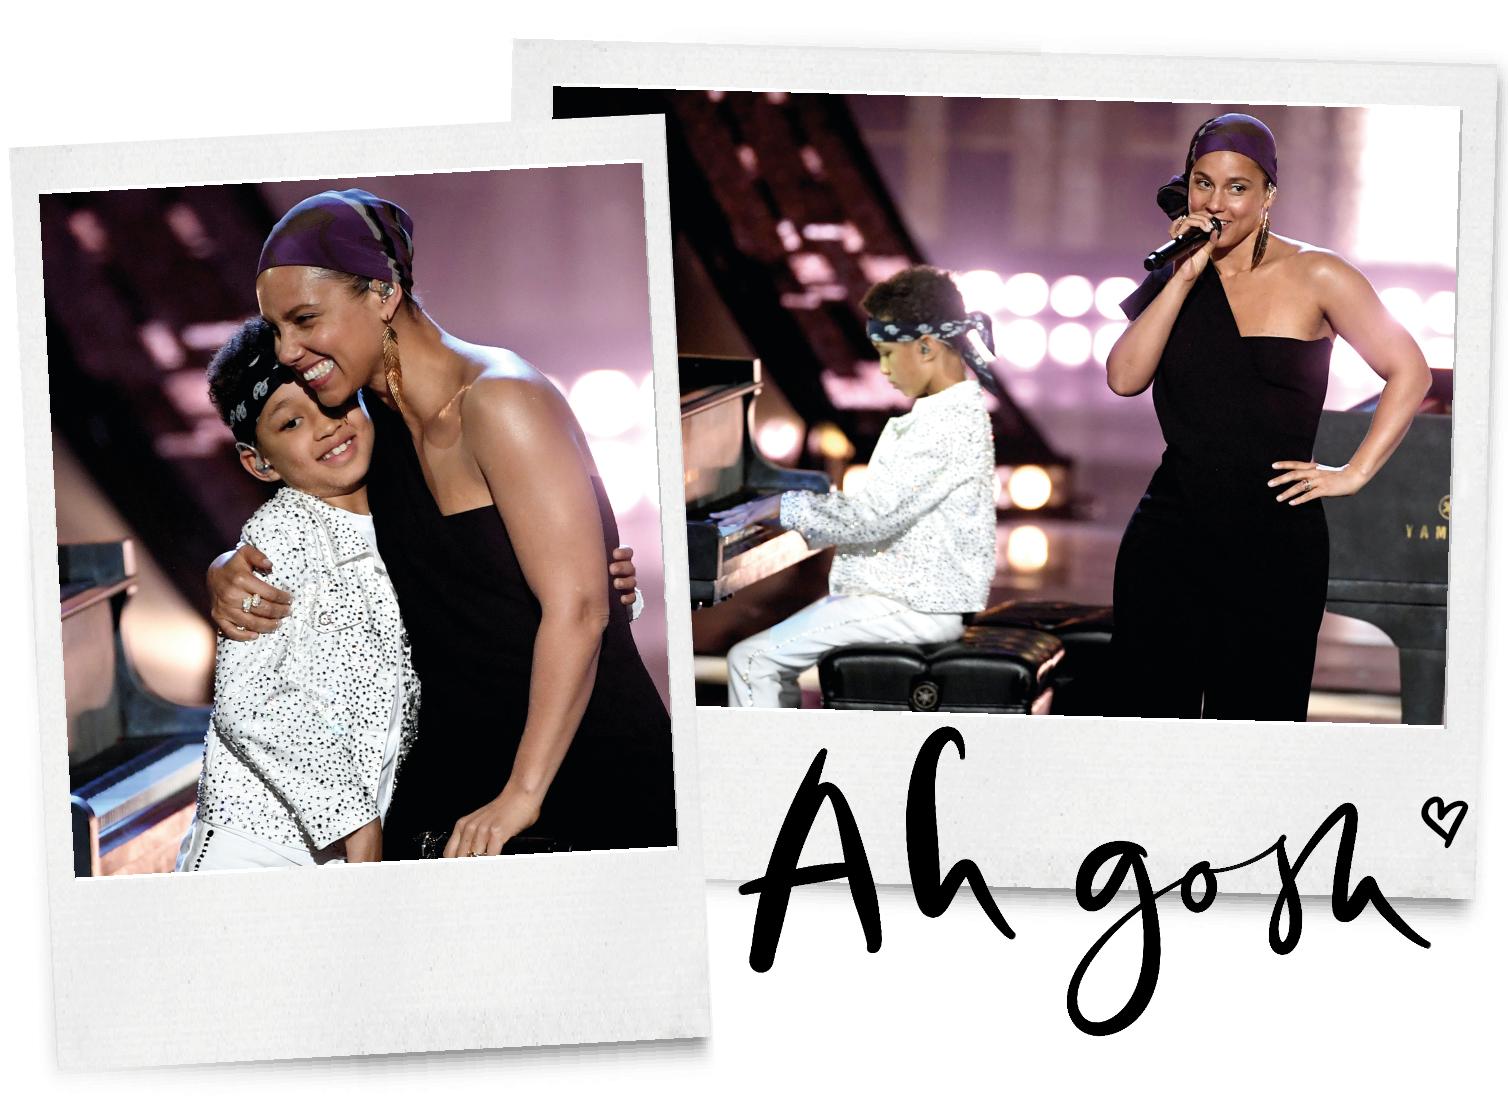 Alicia Keys die zingt met haar zoontje is wat je vandaag wilt zien